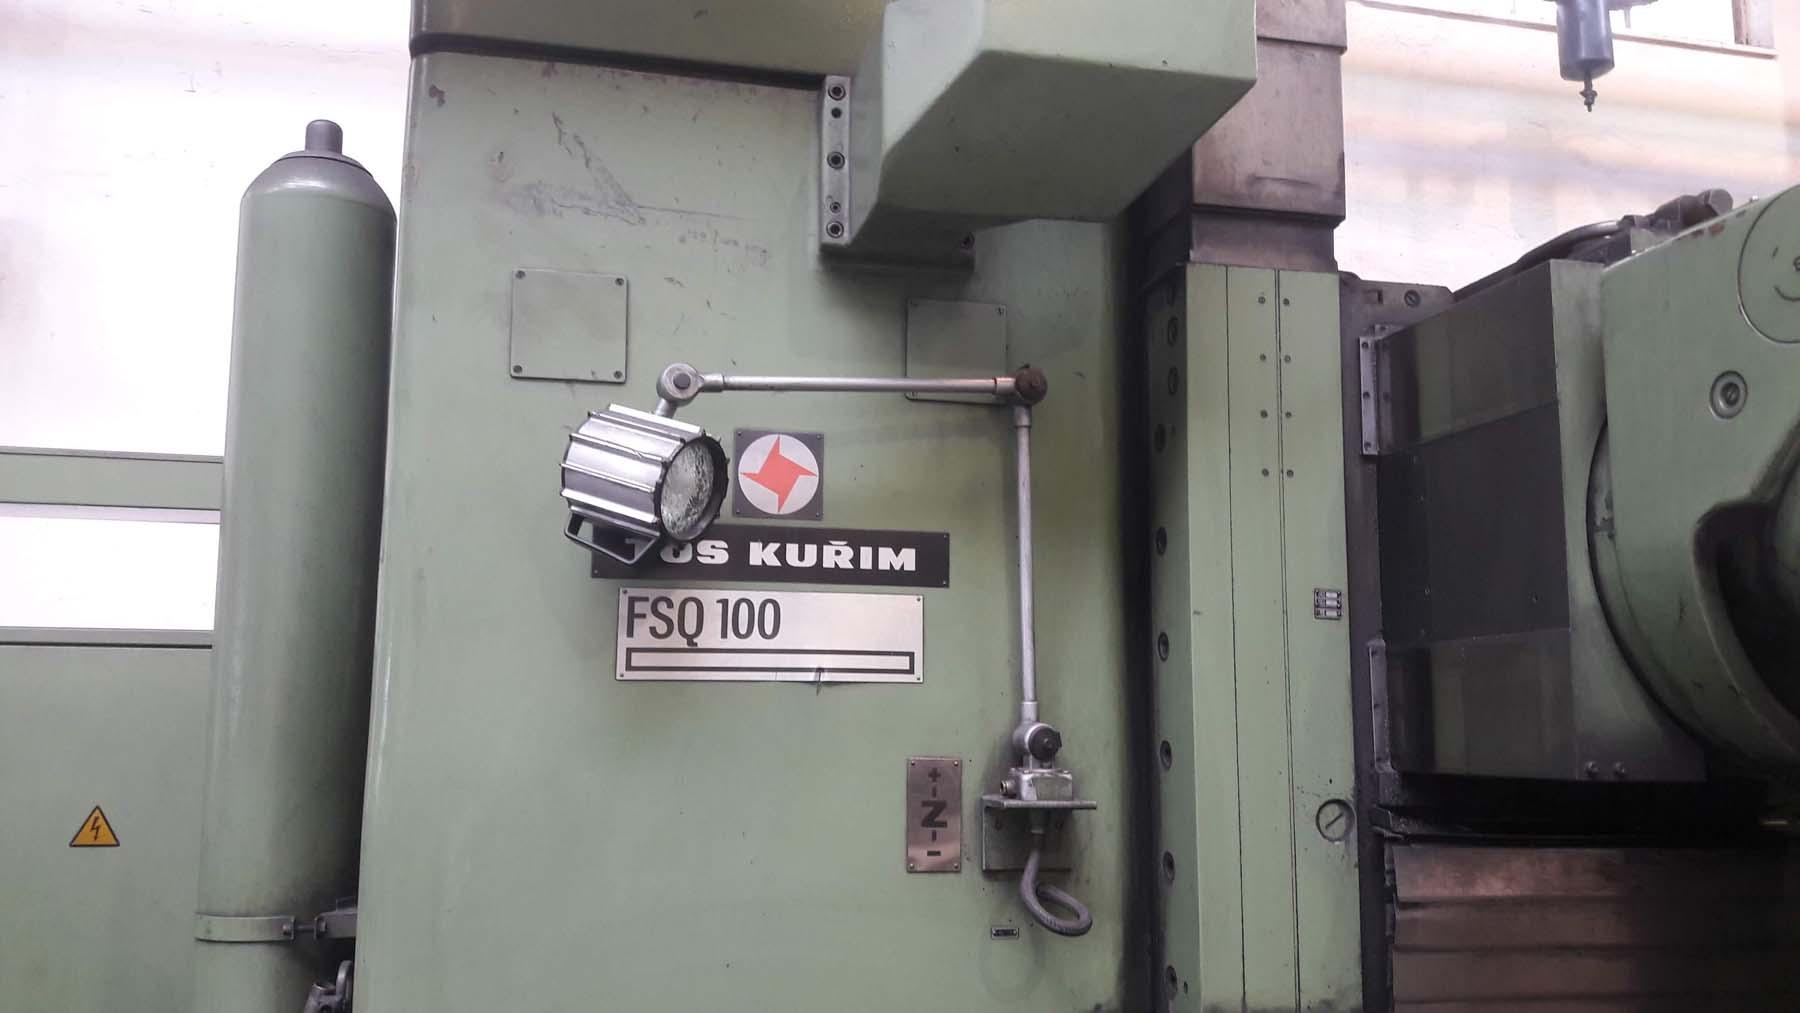 5025-fsq100 05